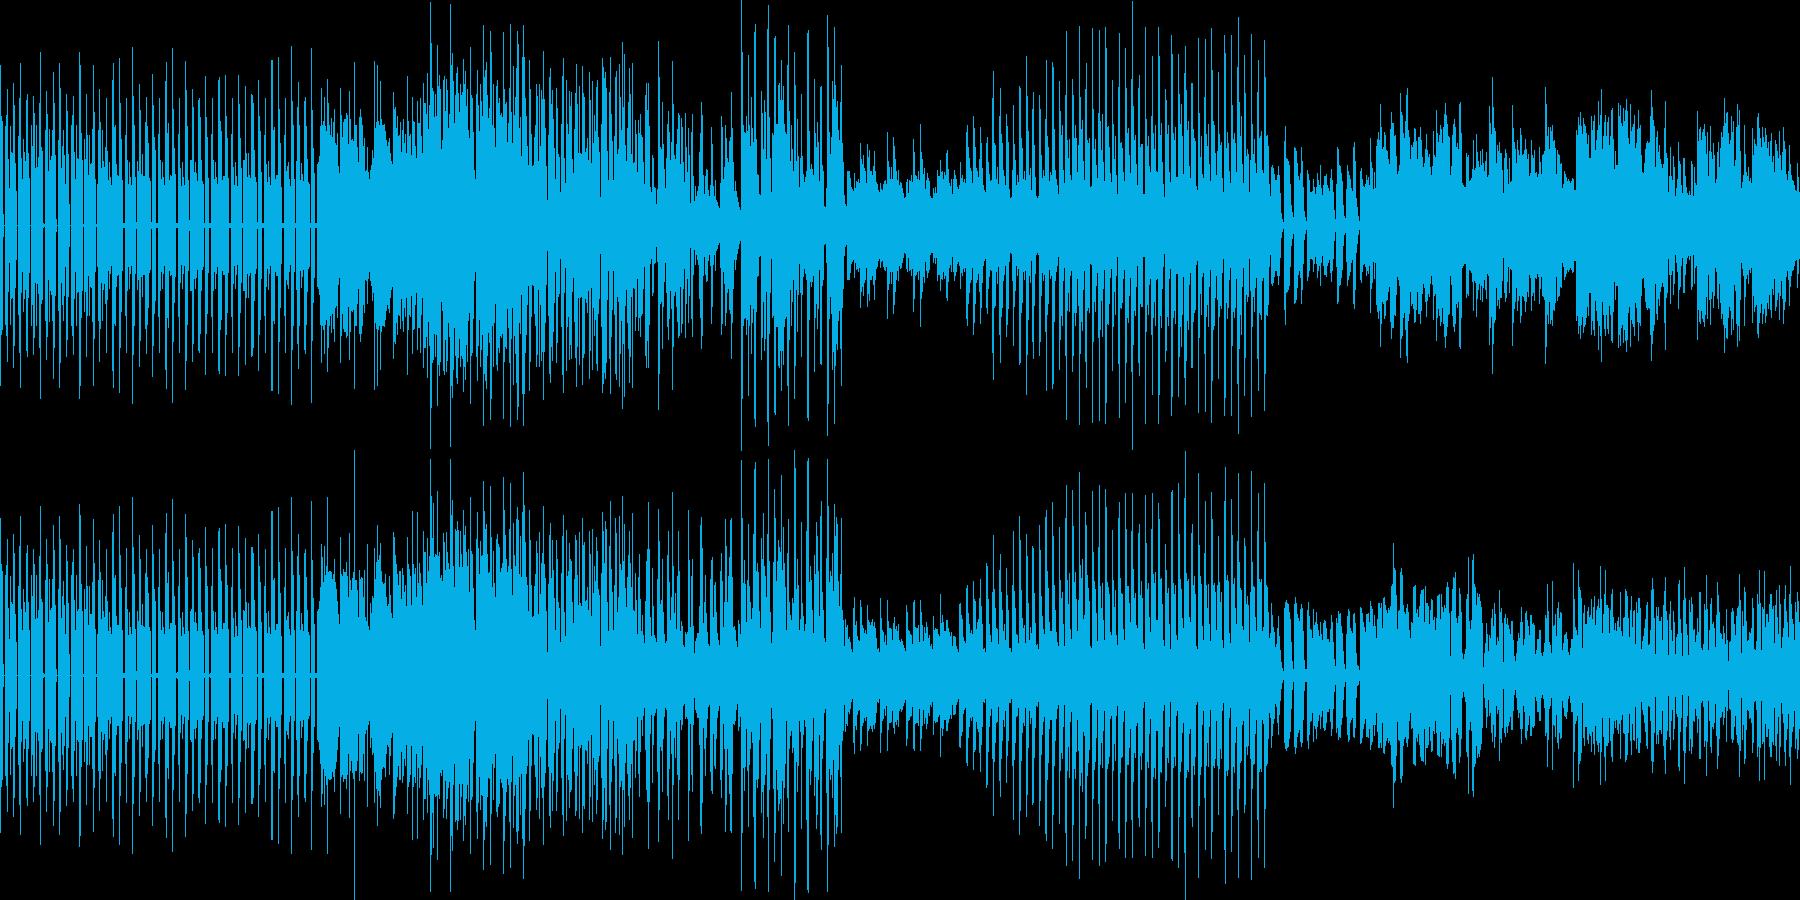 シンプルなダンステクノループの再生済みの波形